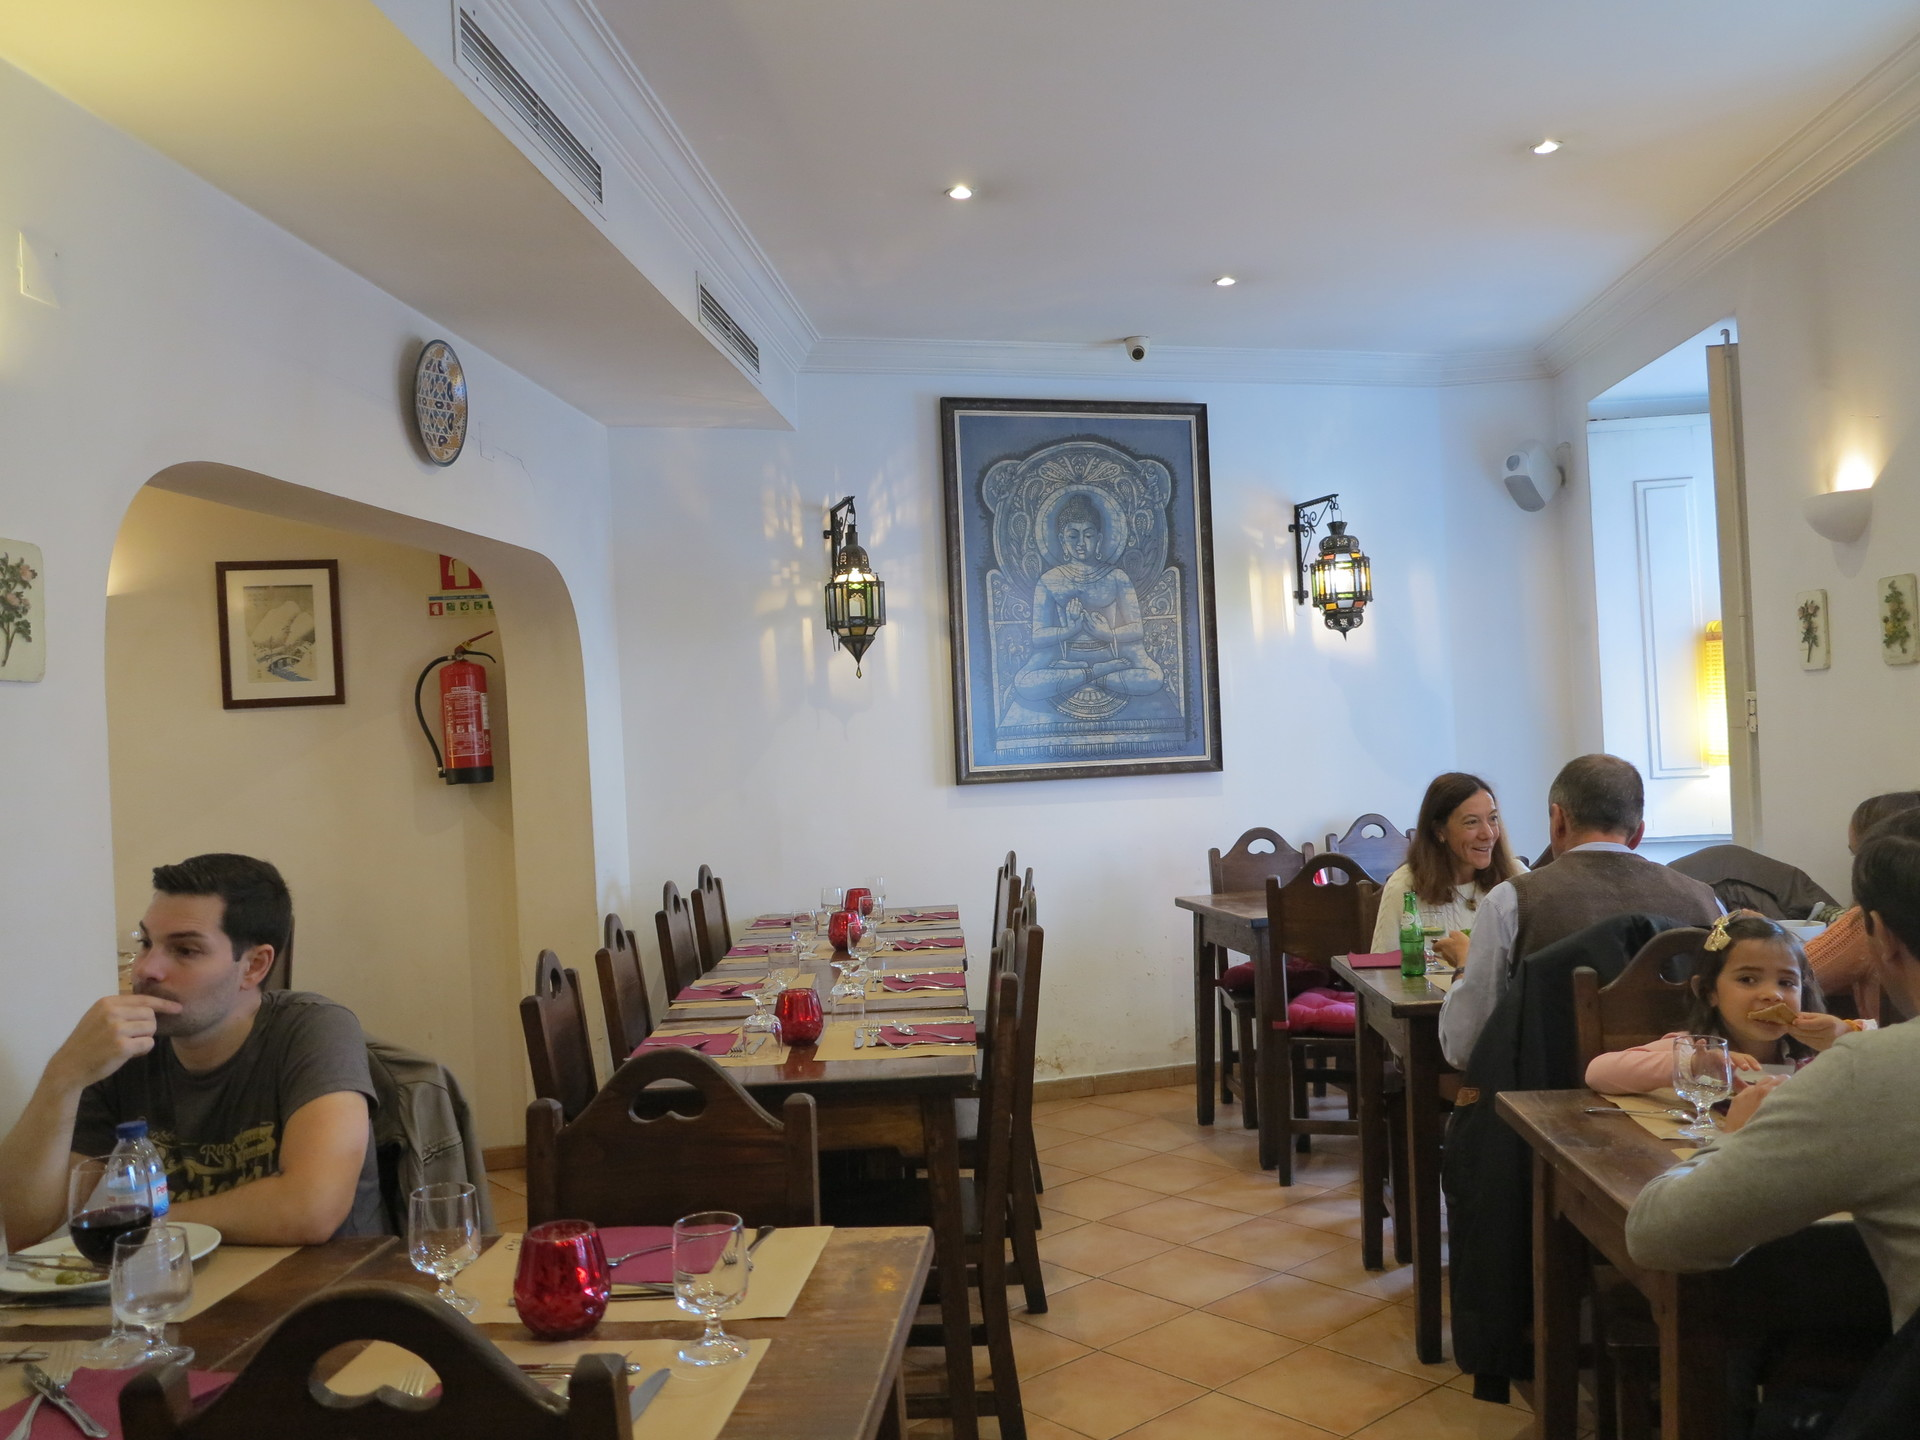 a-vegan-restaurant-everyone-bea440fca8e4